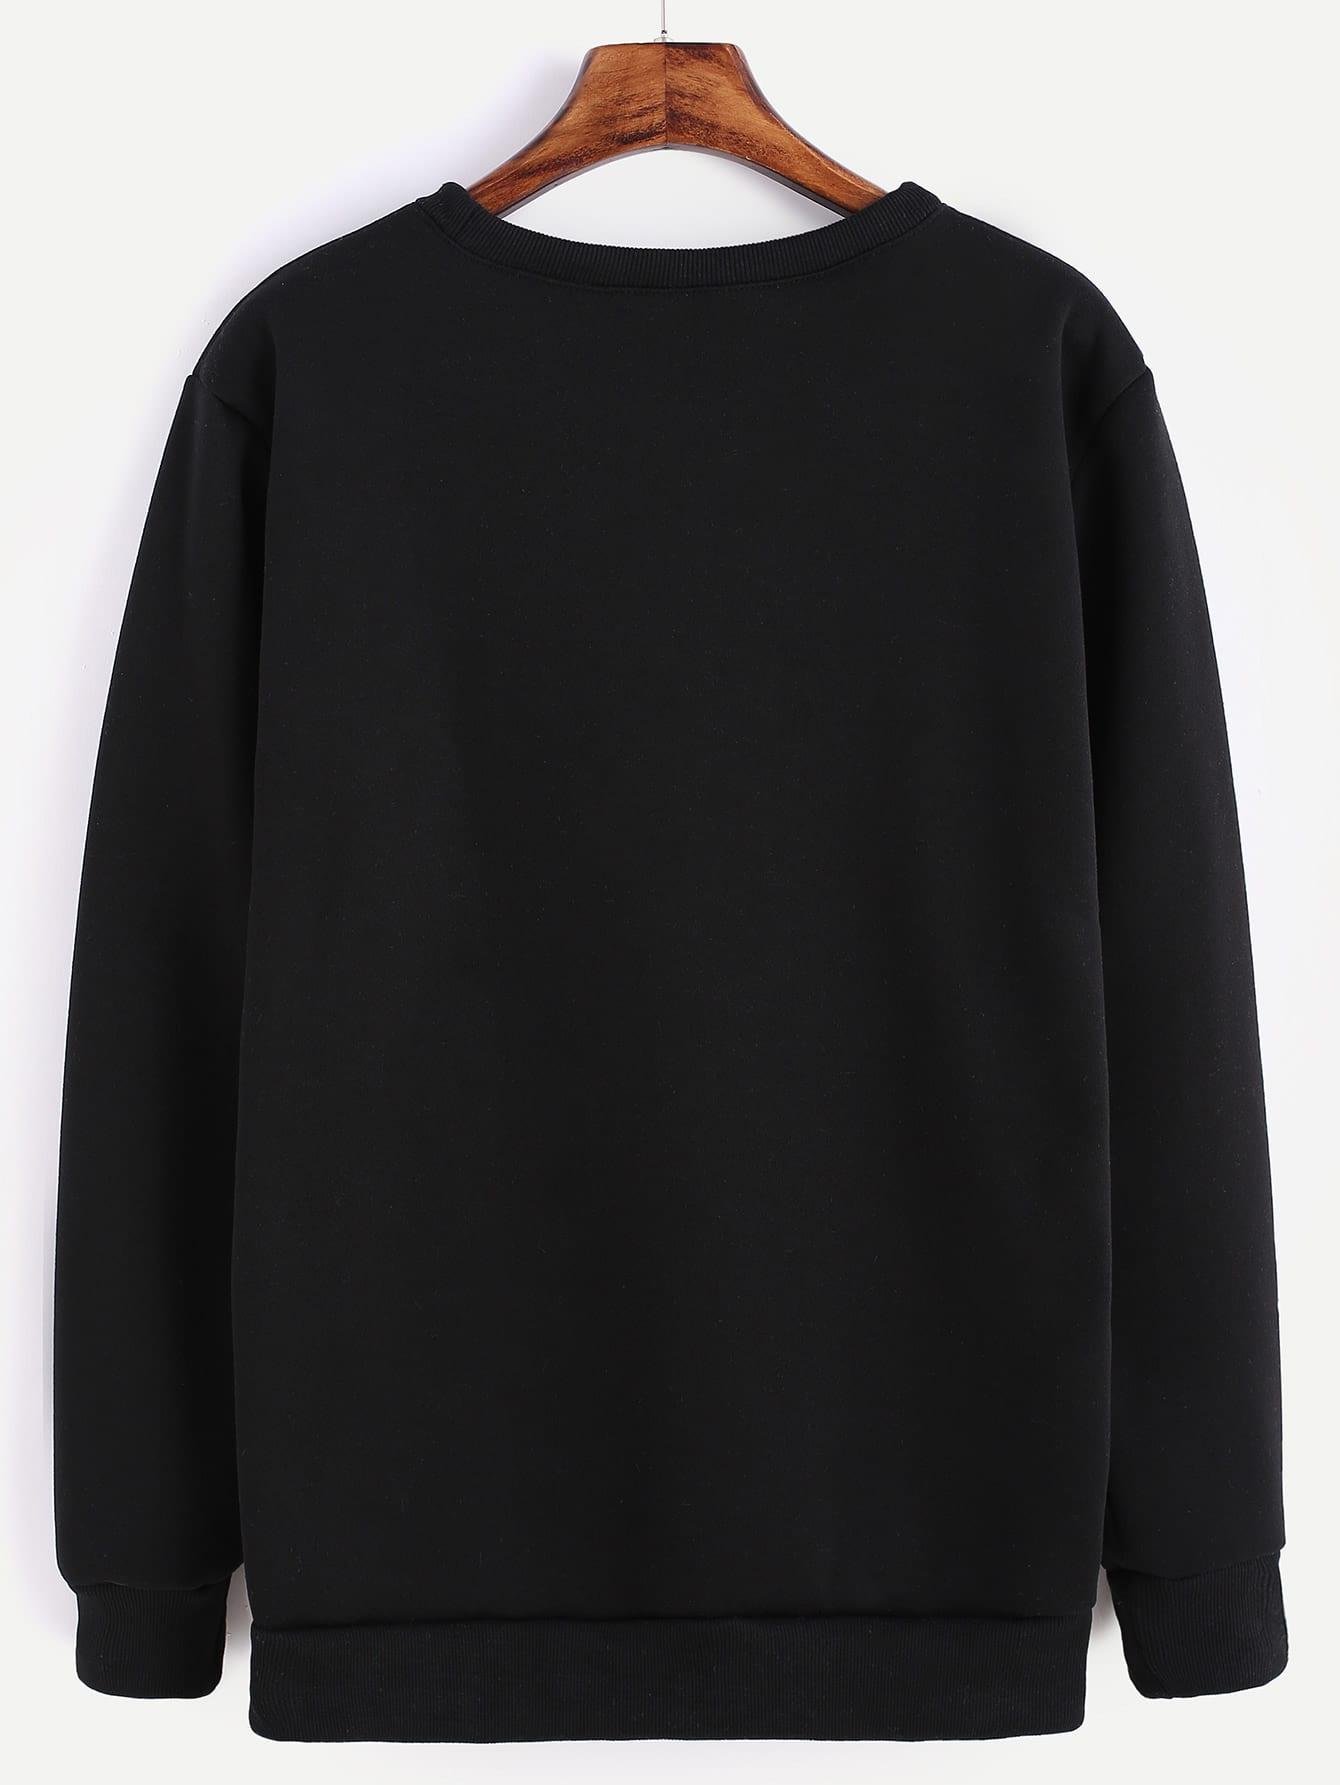 sweatshirt161019102_2